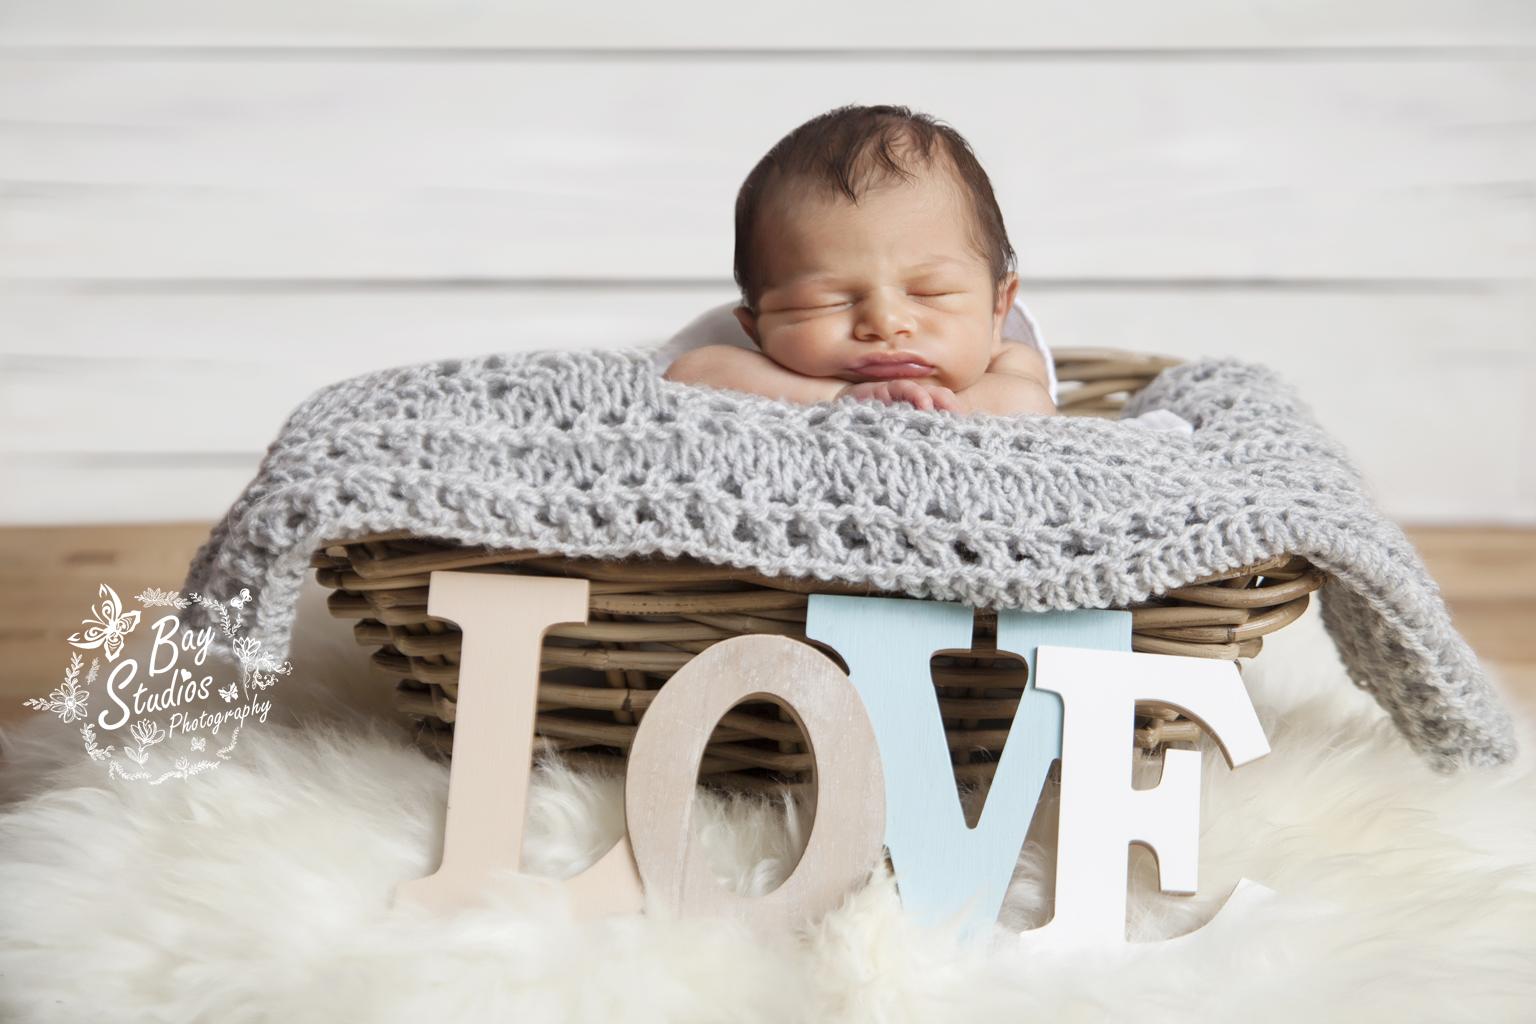 baby neugeborene fotostudio, fotostudio aarau, familien fotoshooting,www.baystudios.ch,IMG_0544